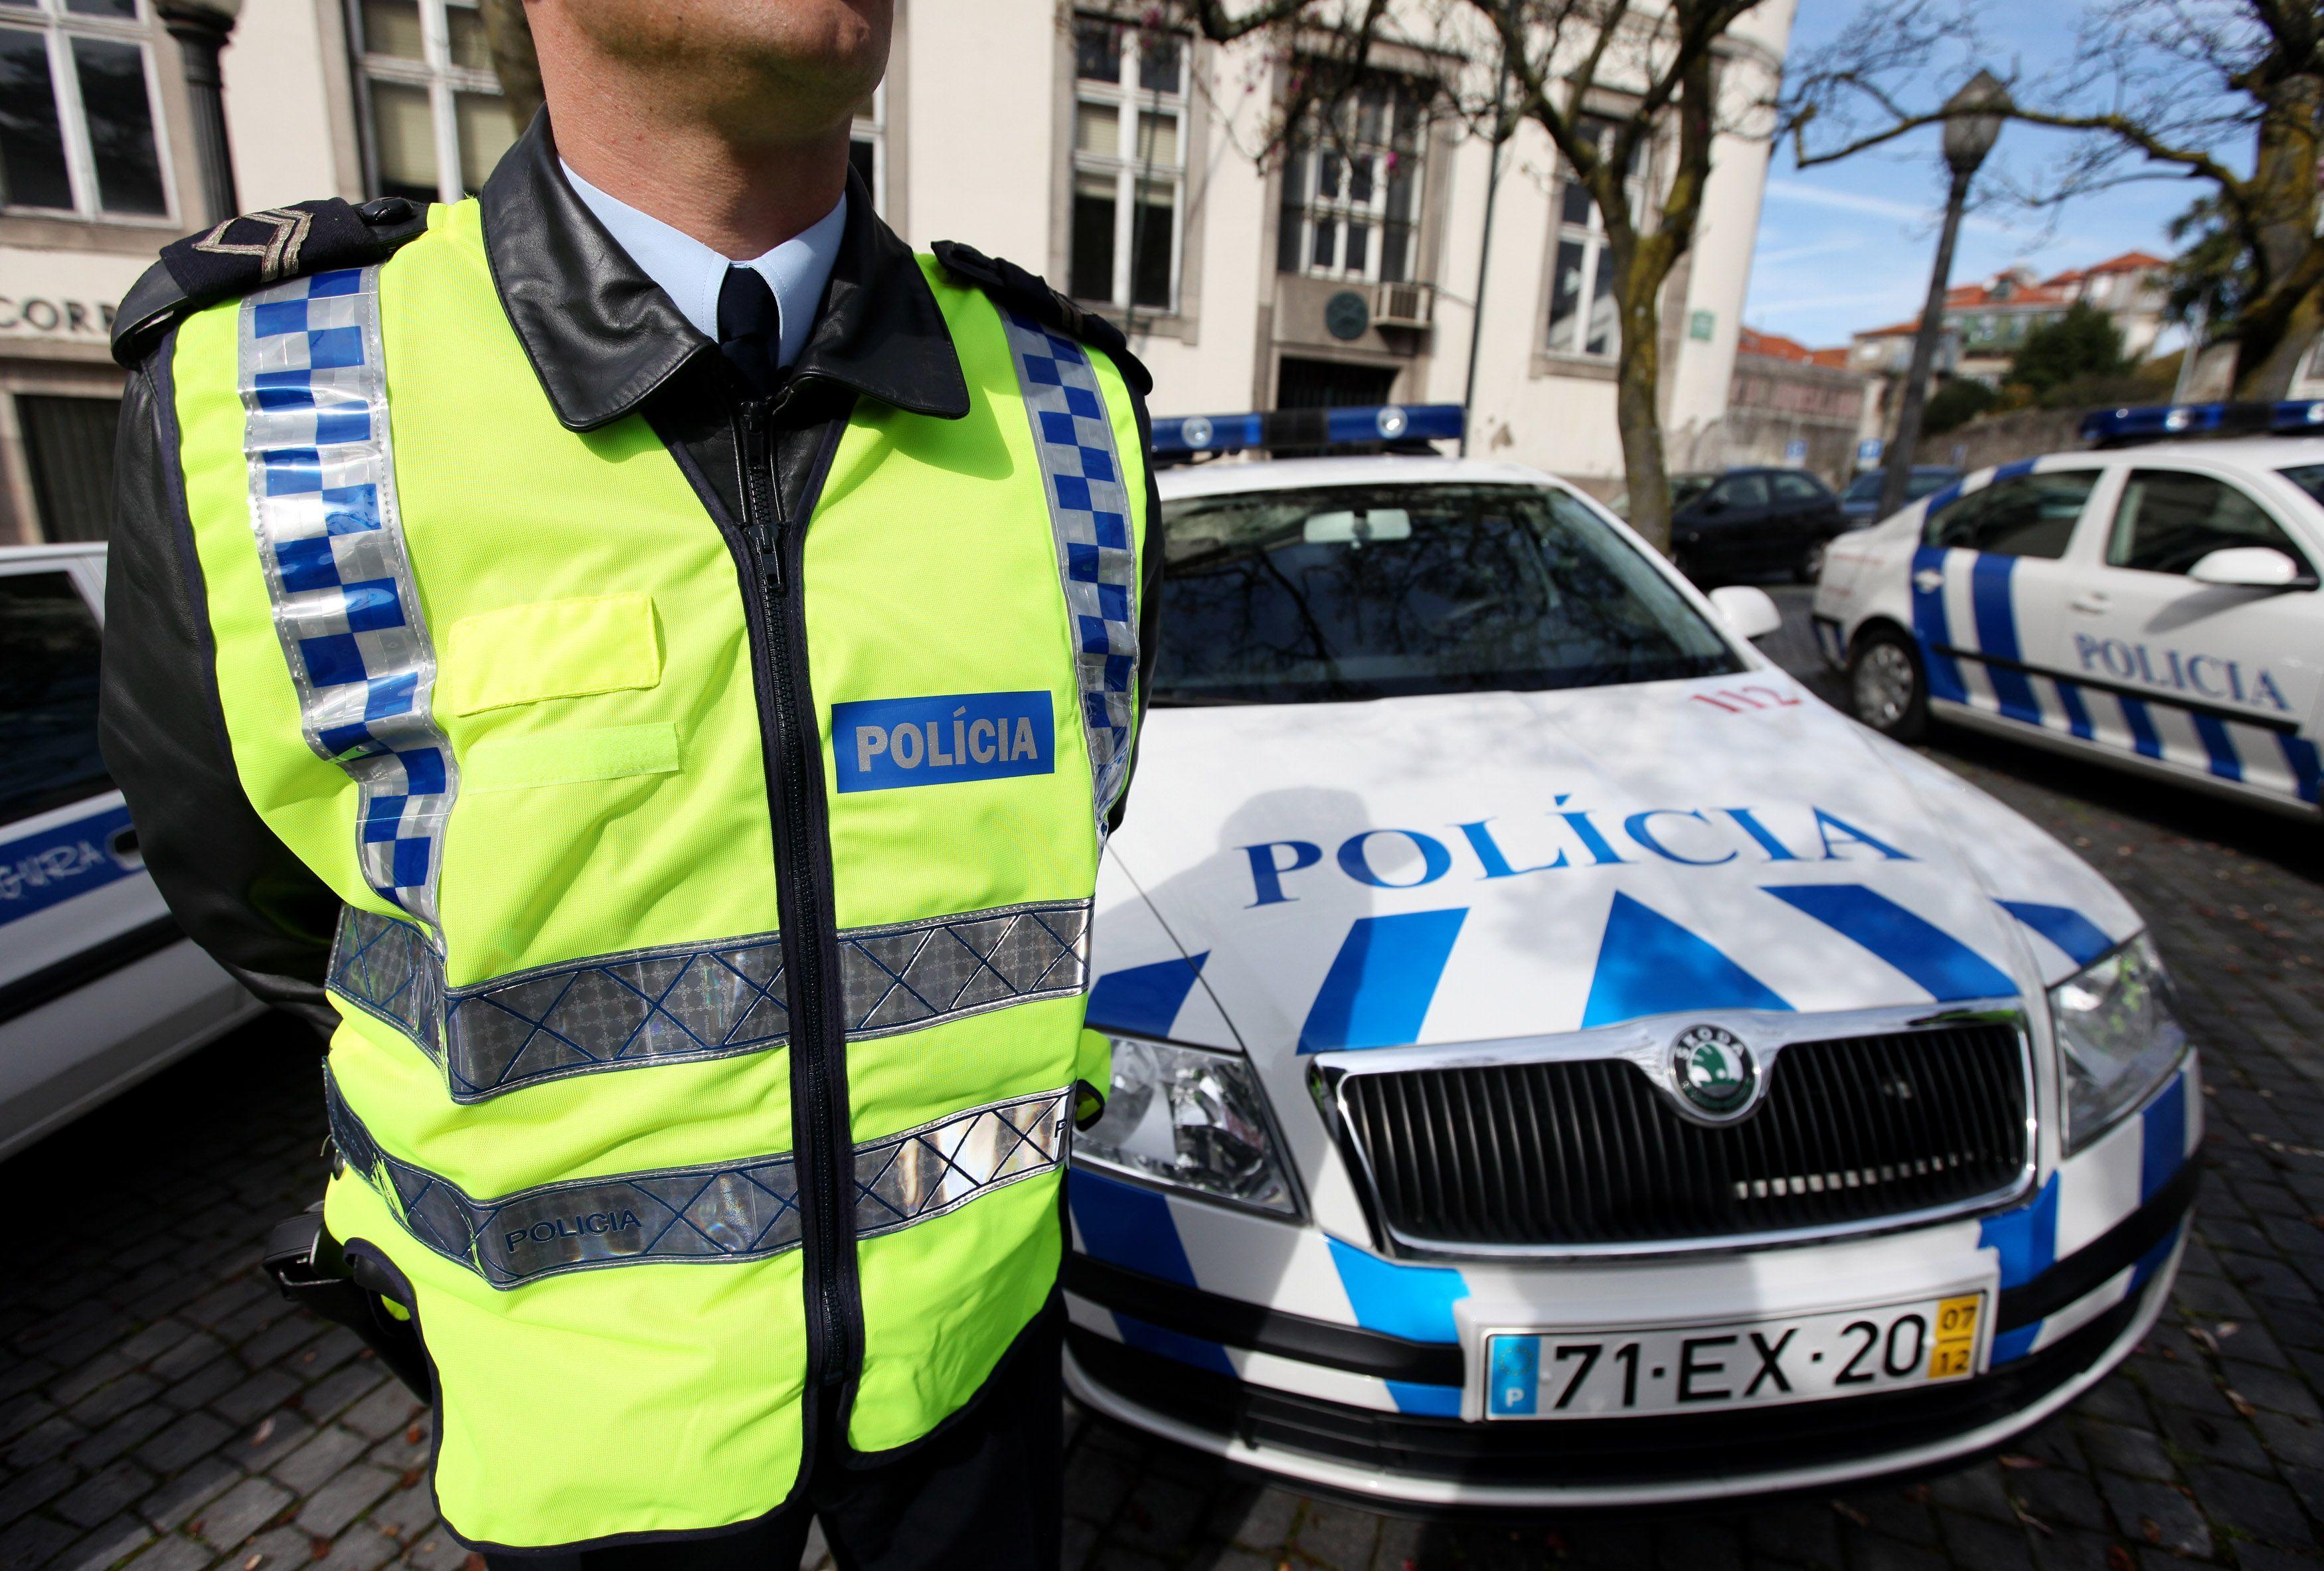 Dois homens procurados há muito detidos em Lisboa, diz PSP